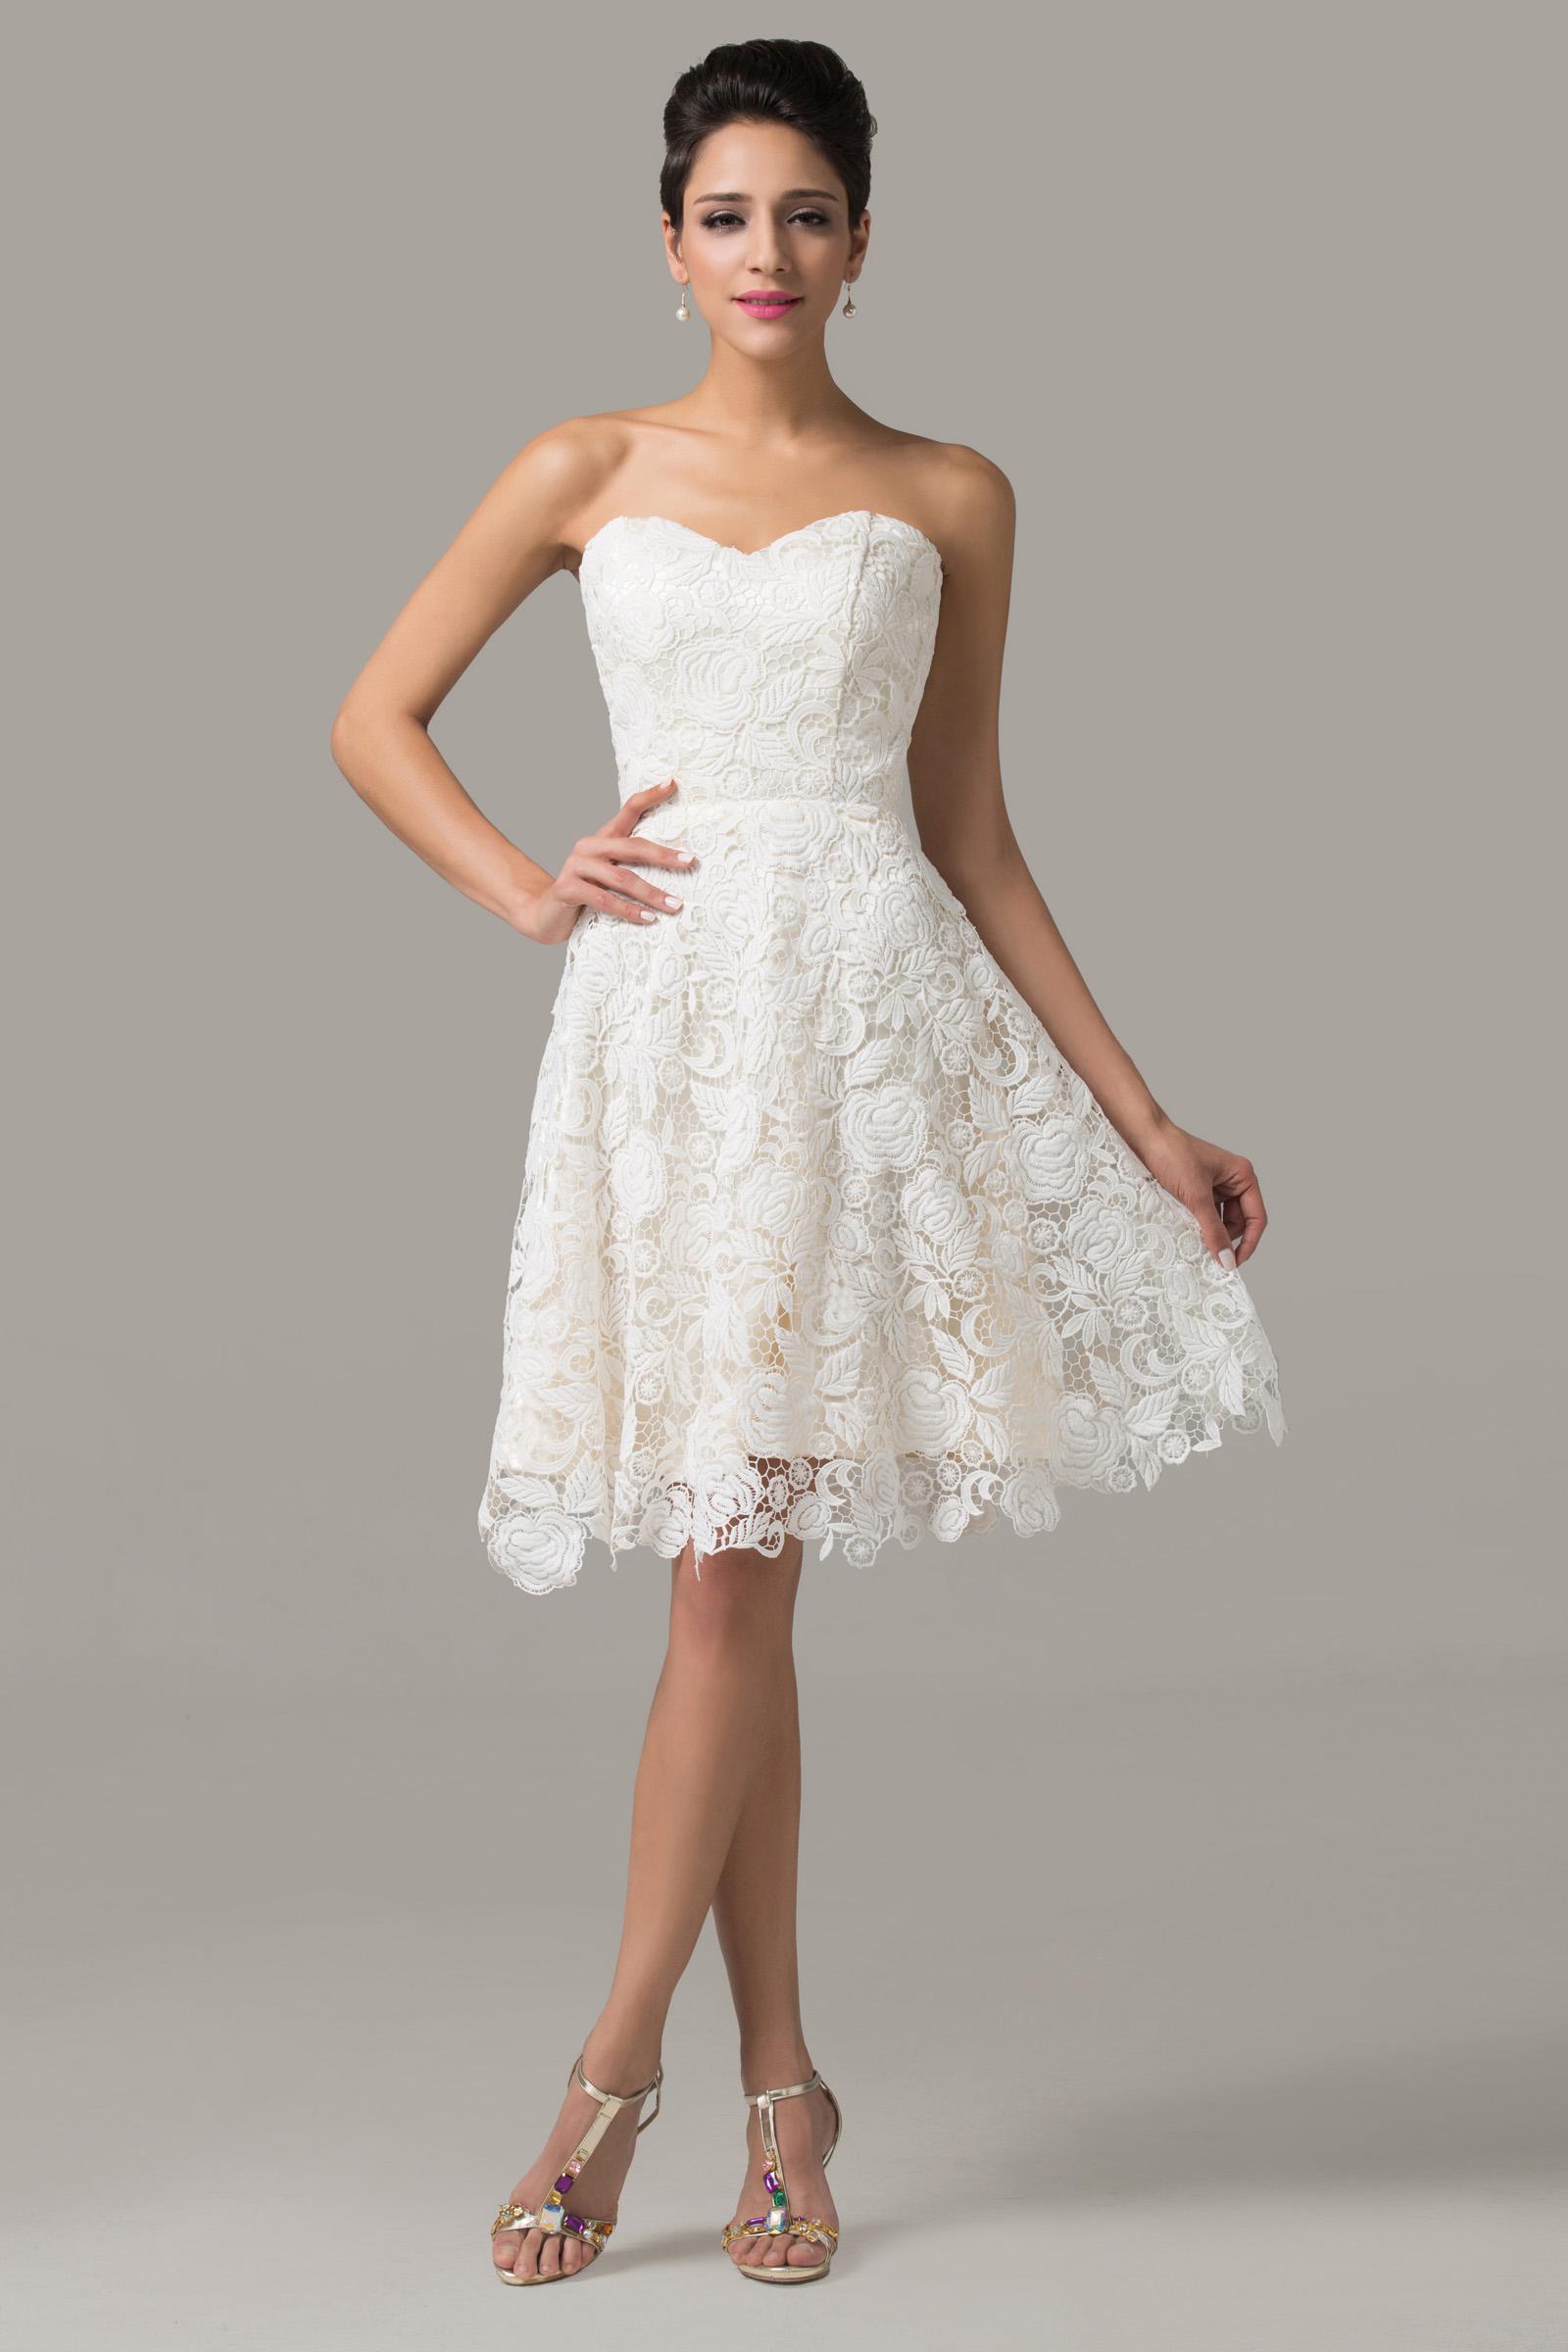 33f950eae70 Короткие коктейльные платья 2019 (34 фото)